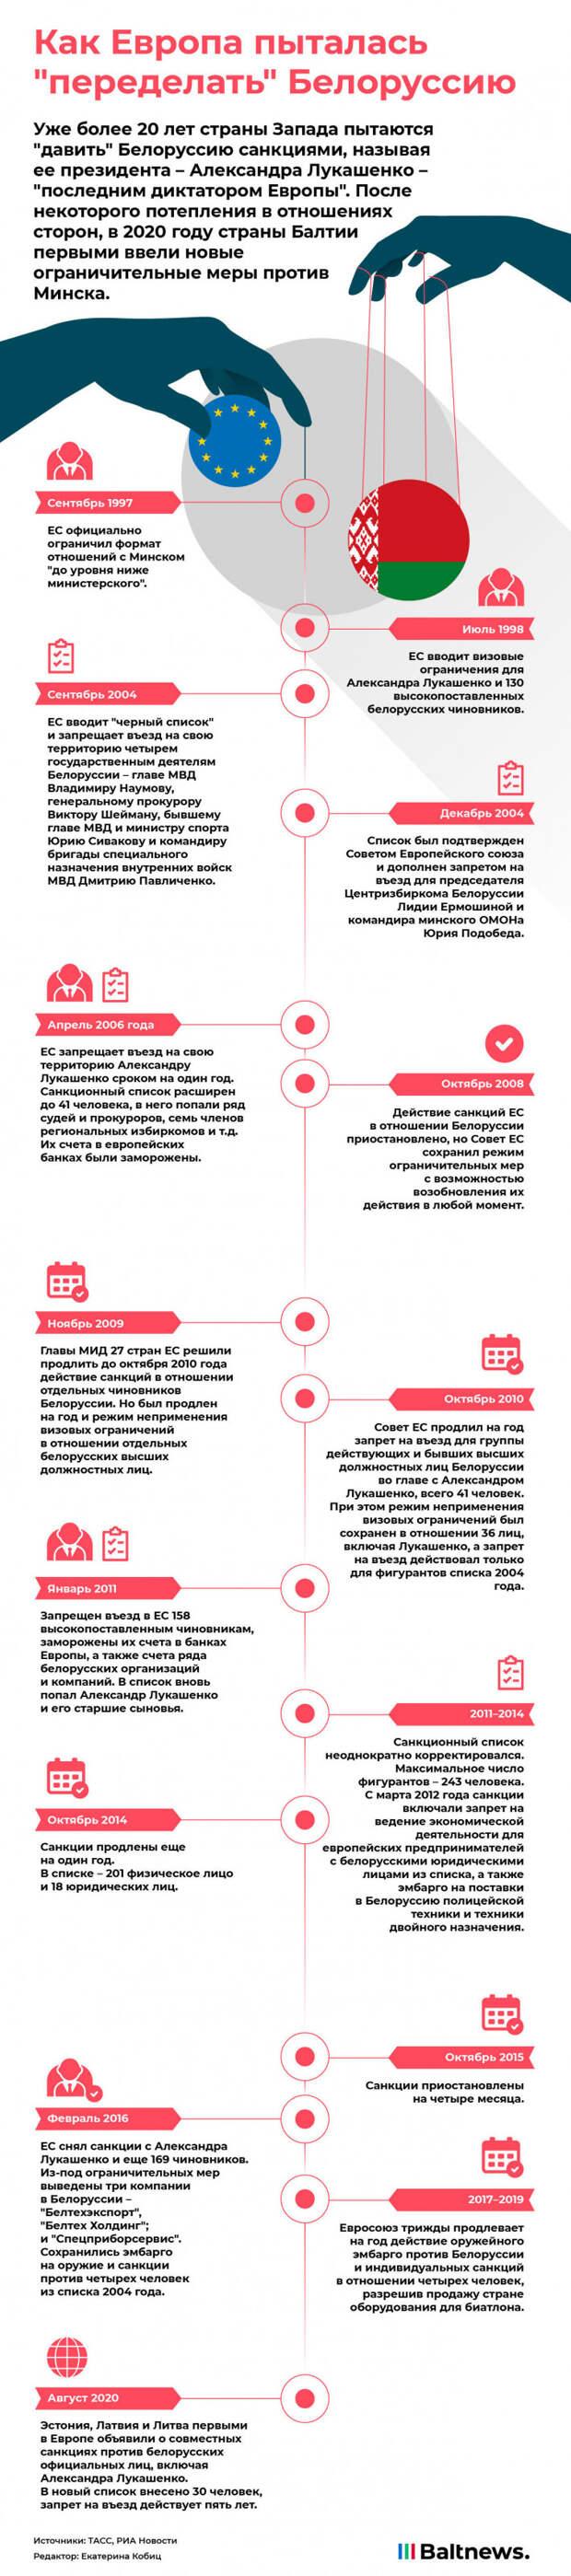 Санкции против Белоруссии